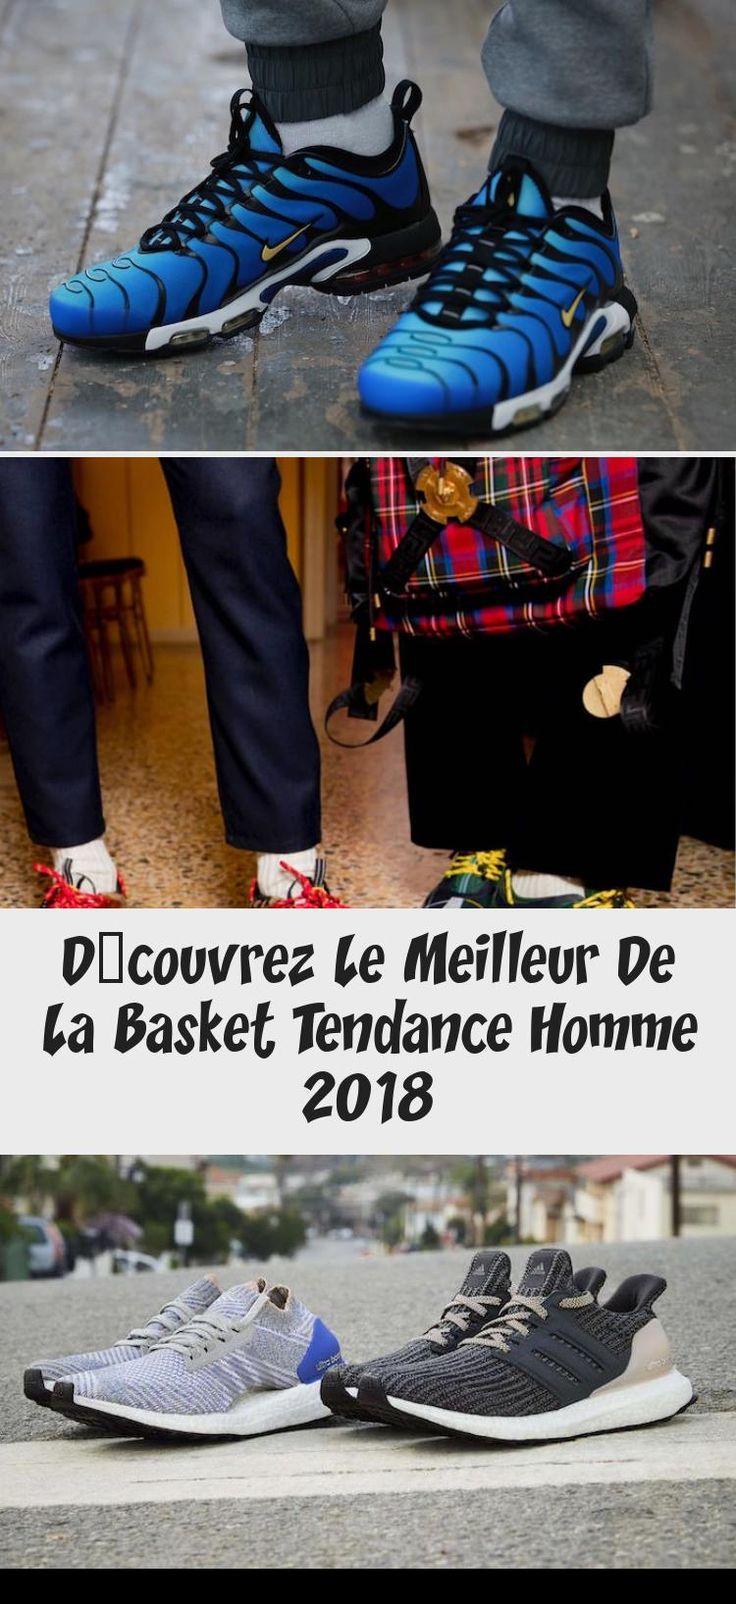 Découvrez Le Meilleur De La Basket Tendance Homme 2018 in